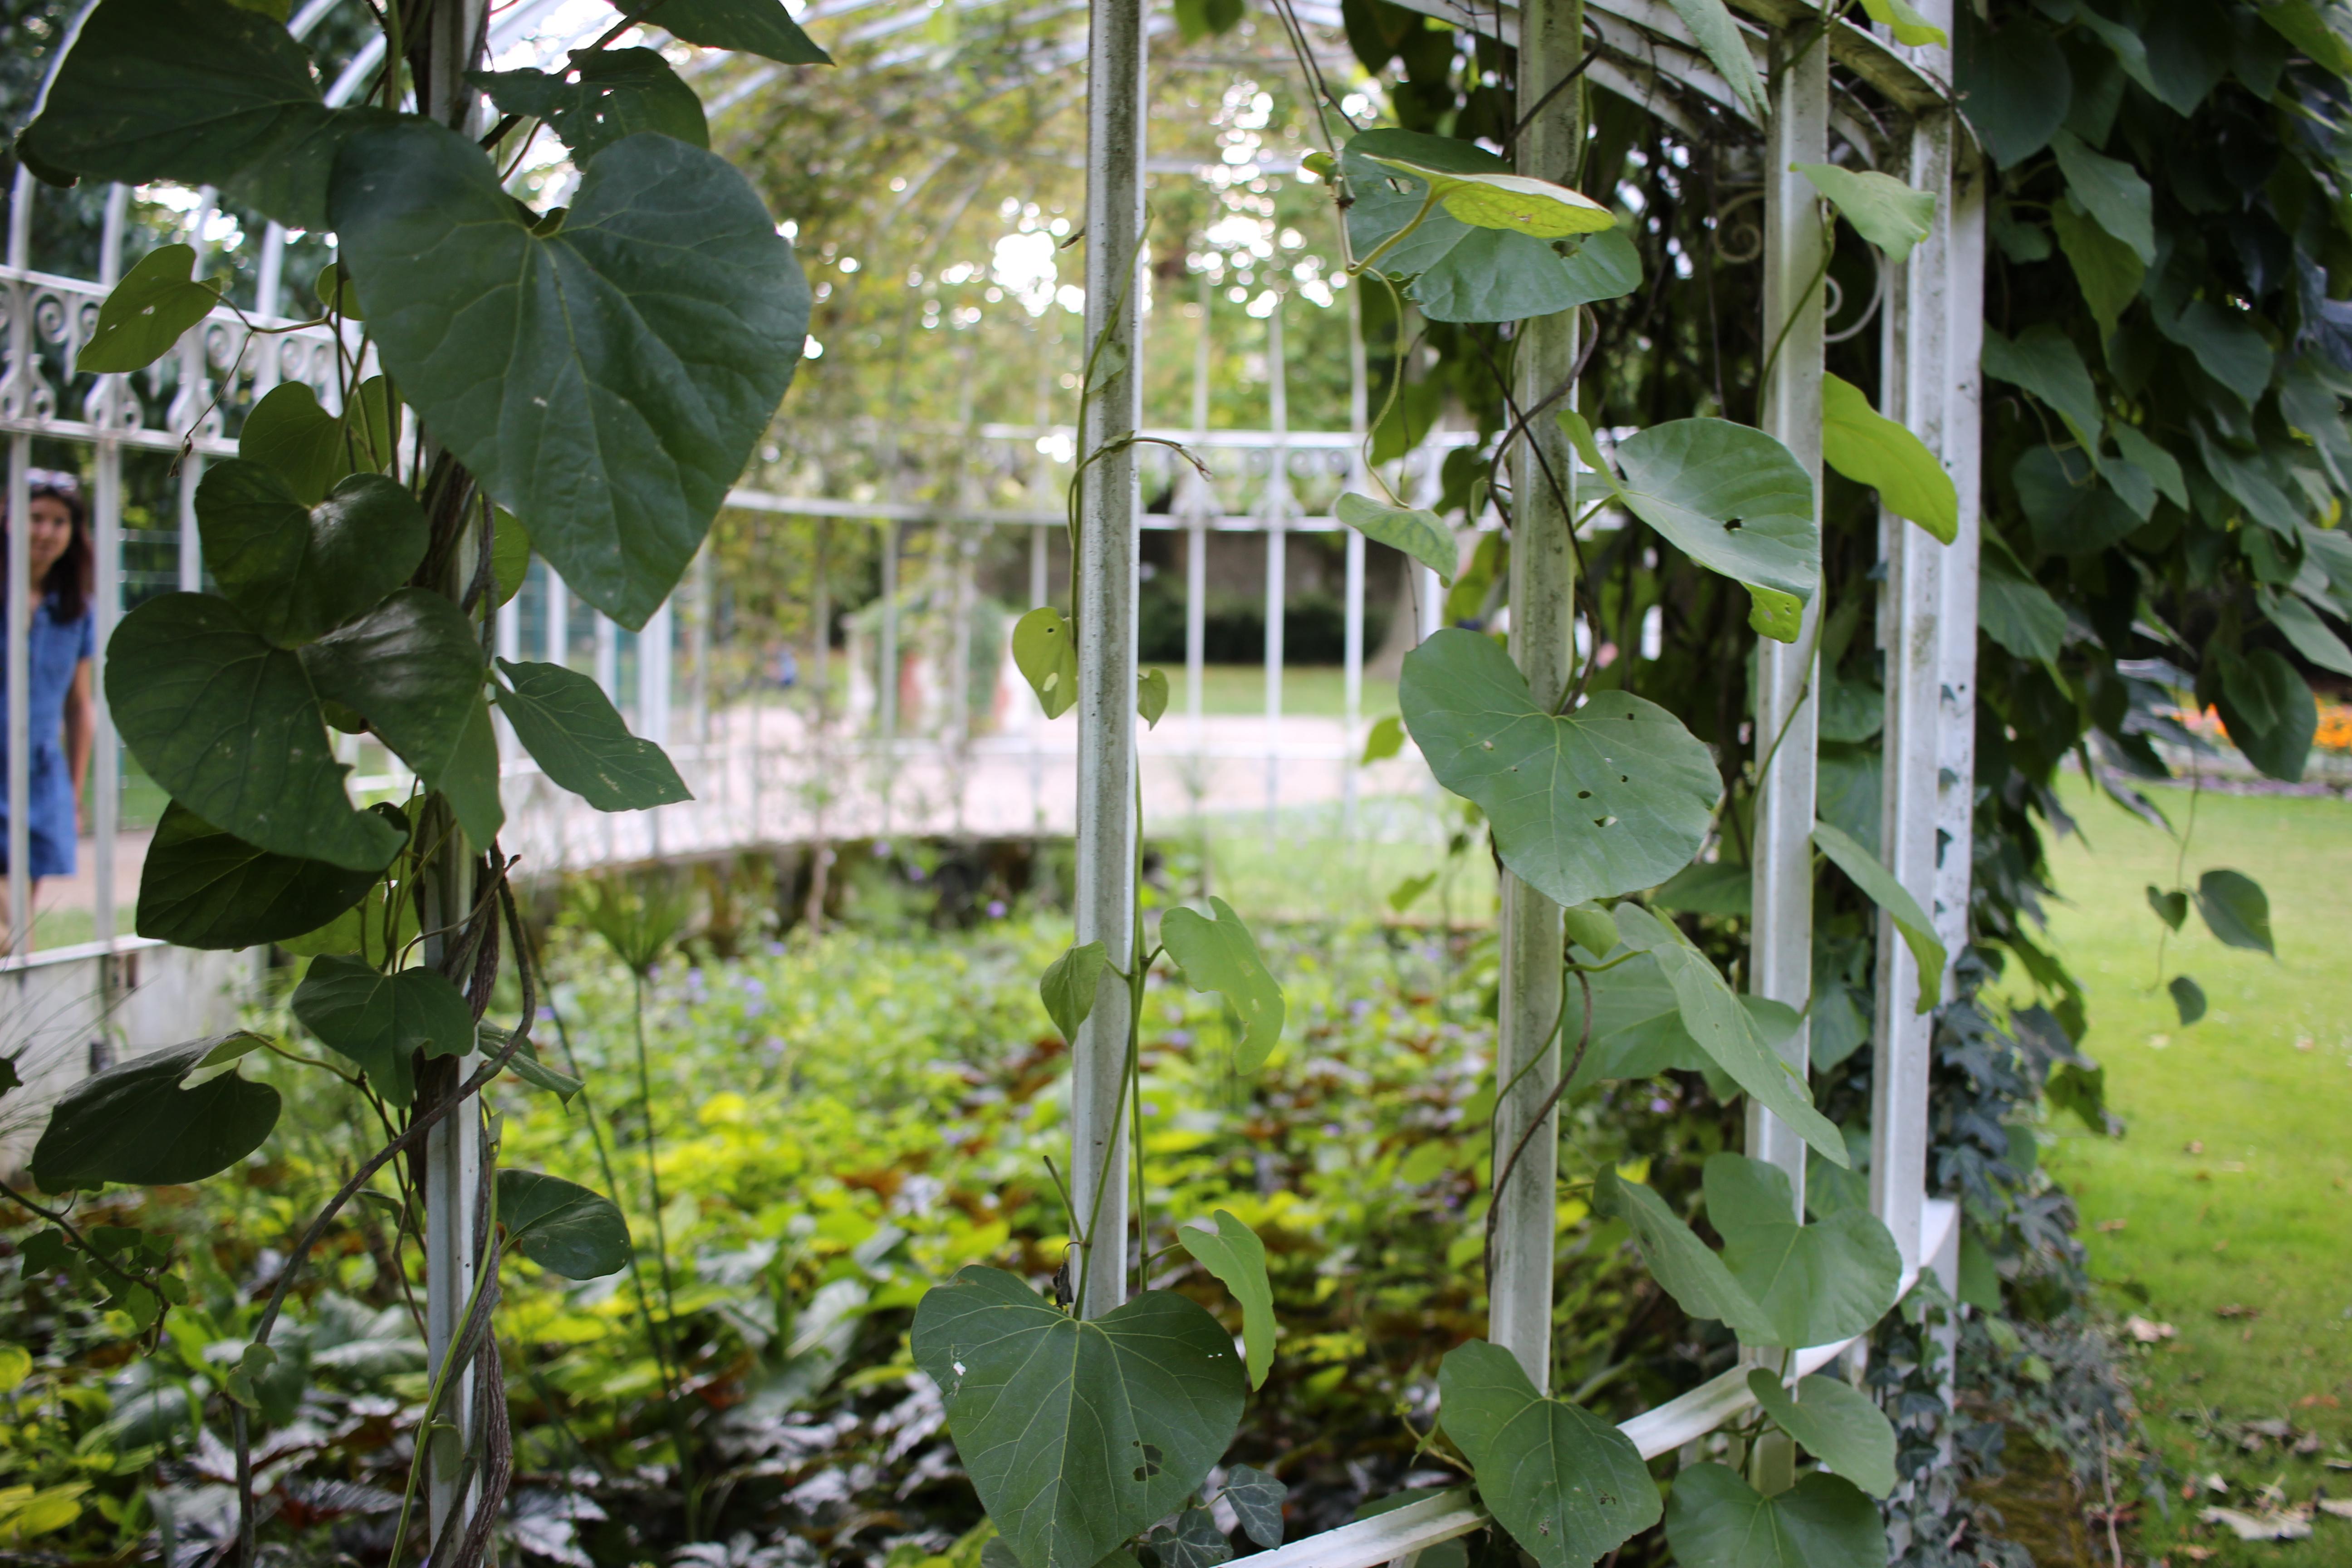 filetours paysage jardin botanique 14jpg - Jardin Botanique De Tours